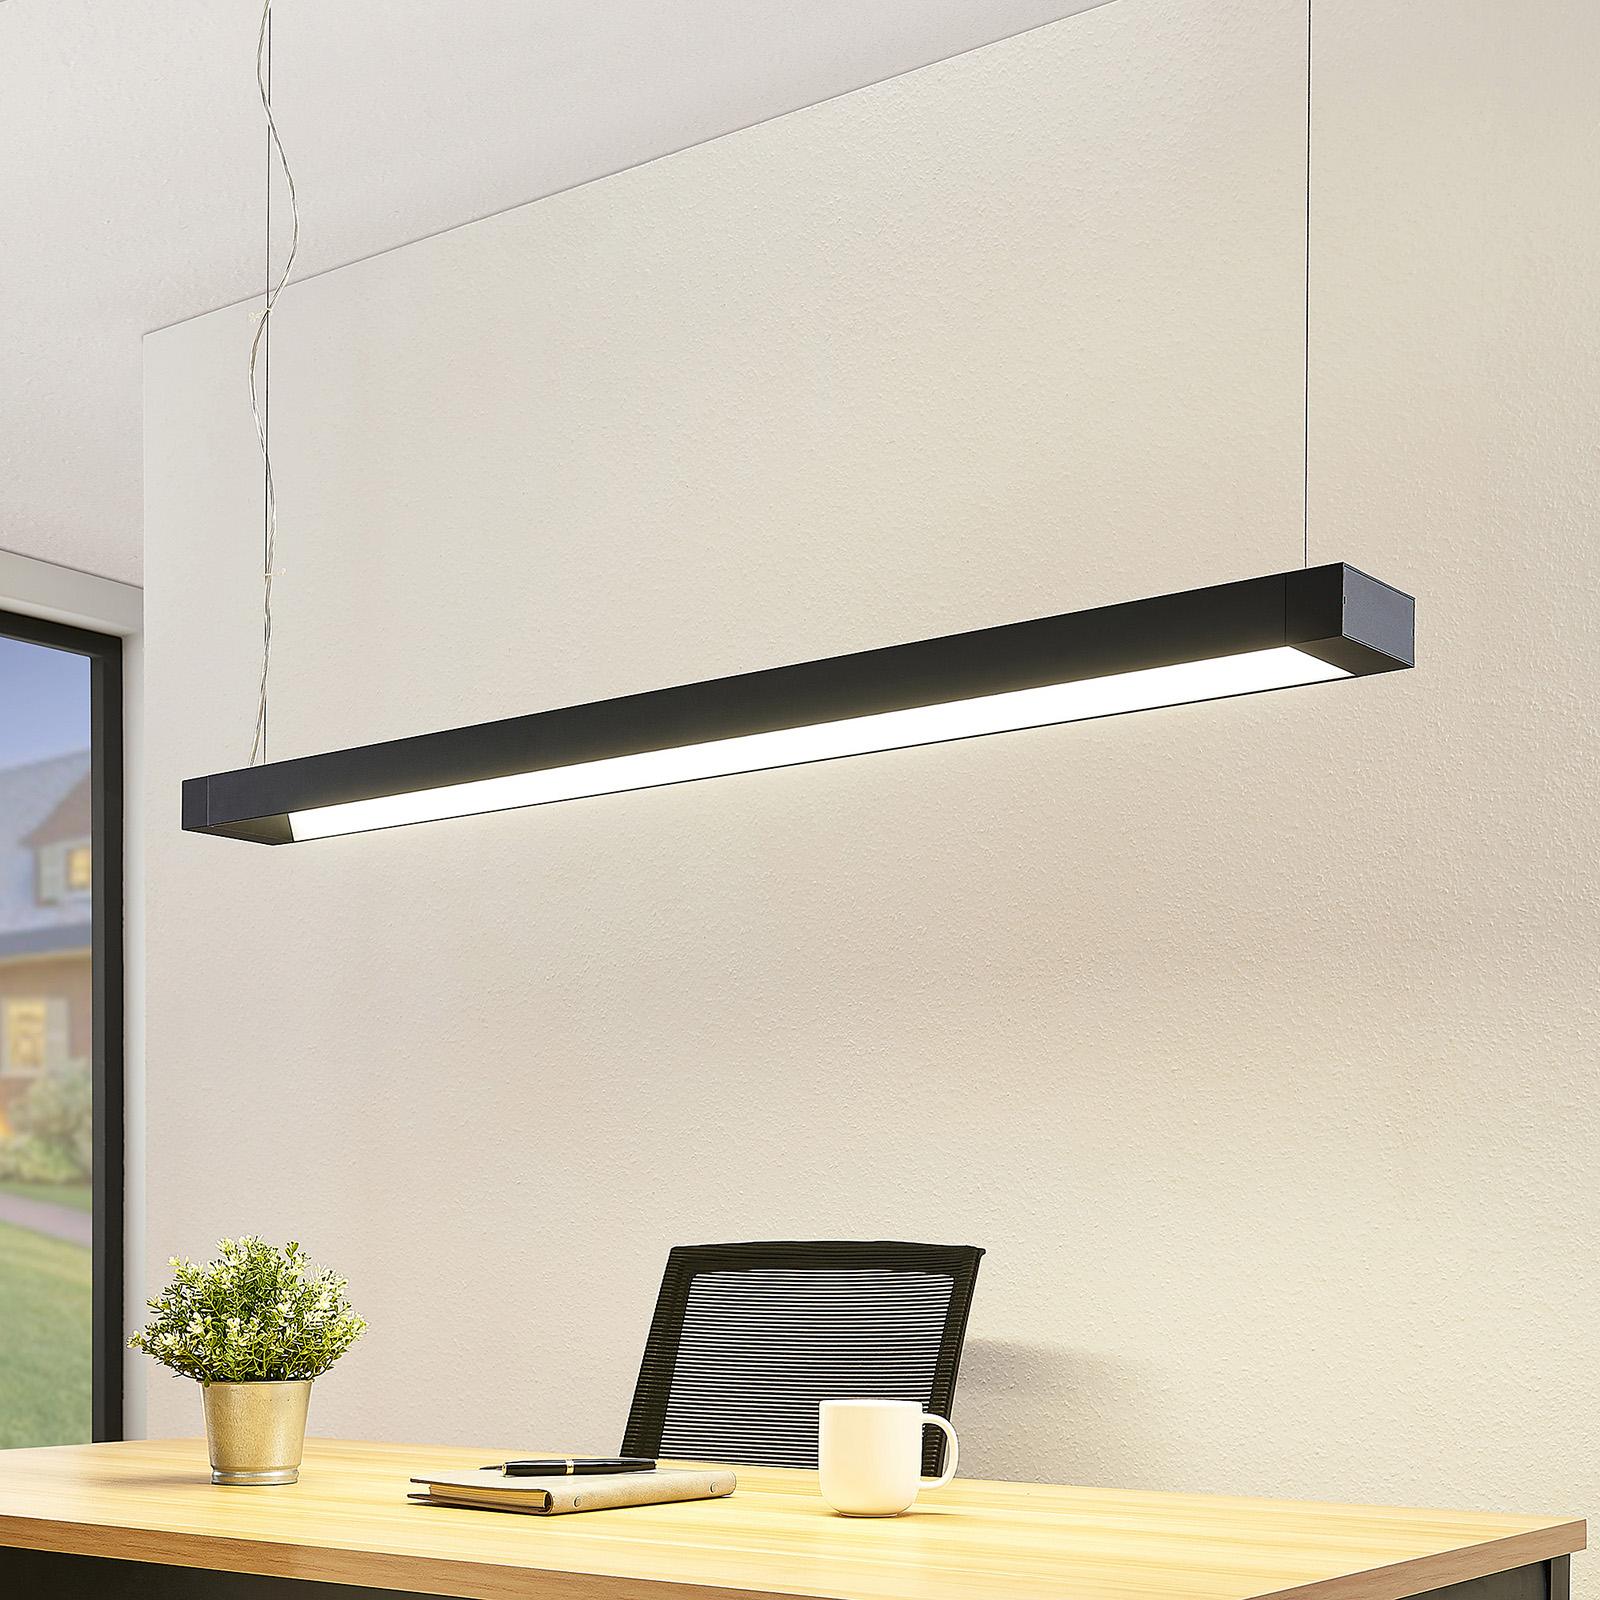 Arcchio Cuna lampa wisząca LED czarna kątowa 122cm